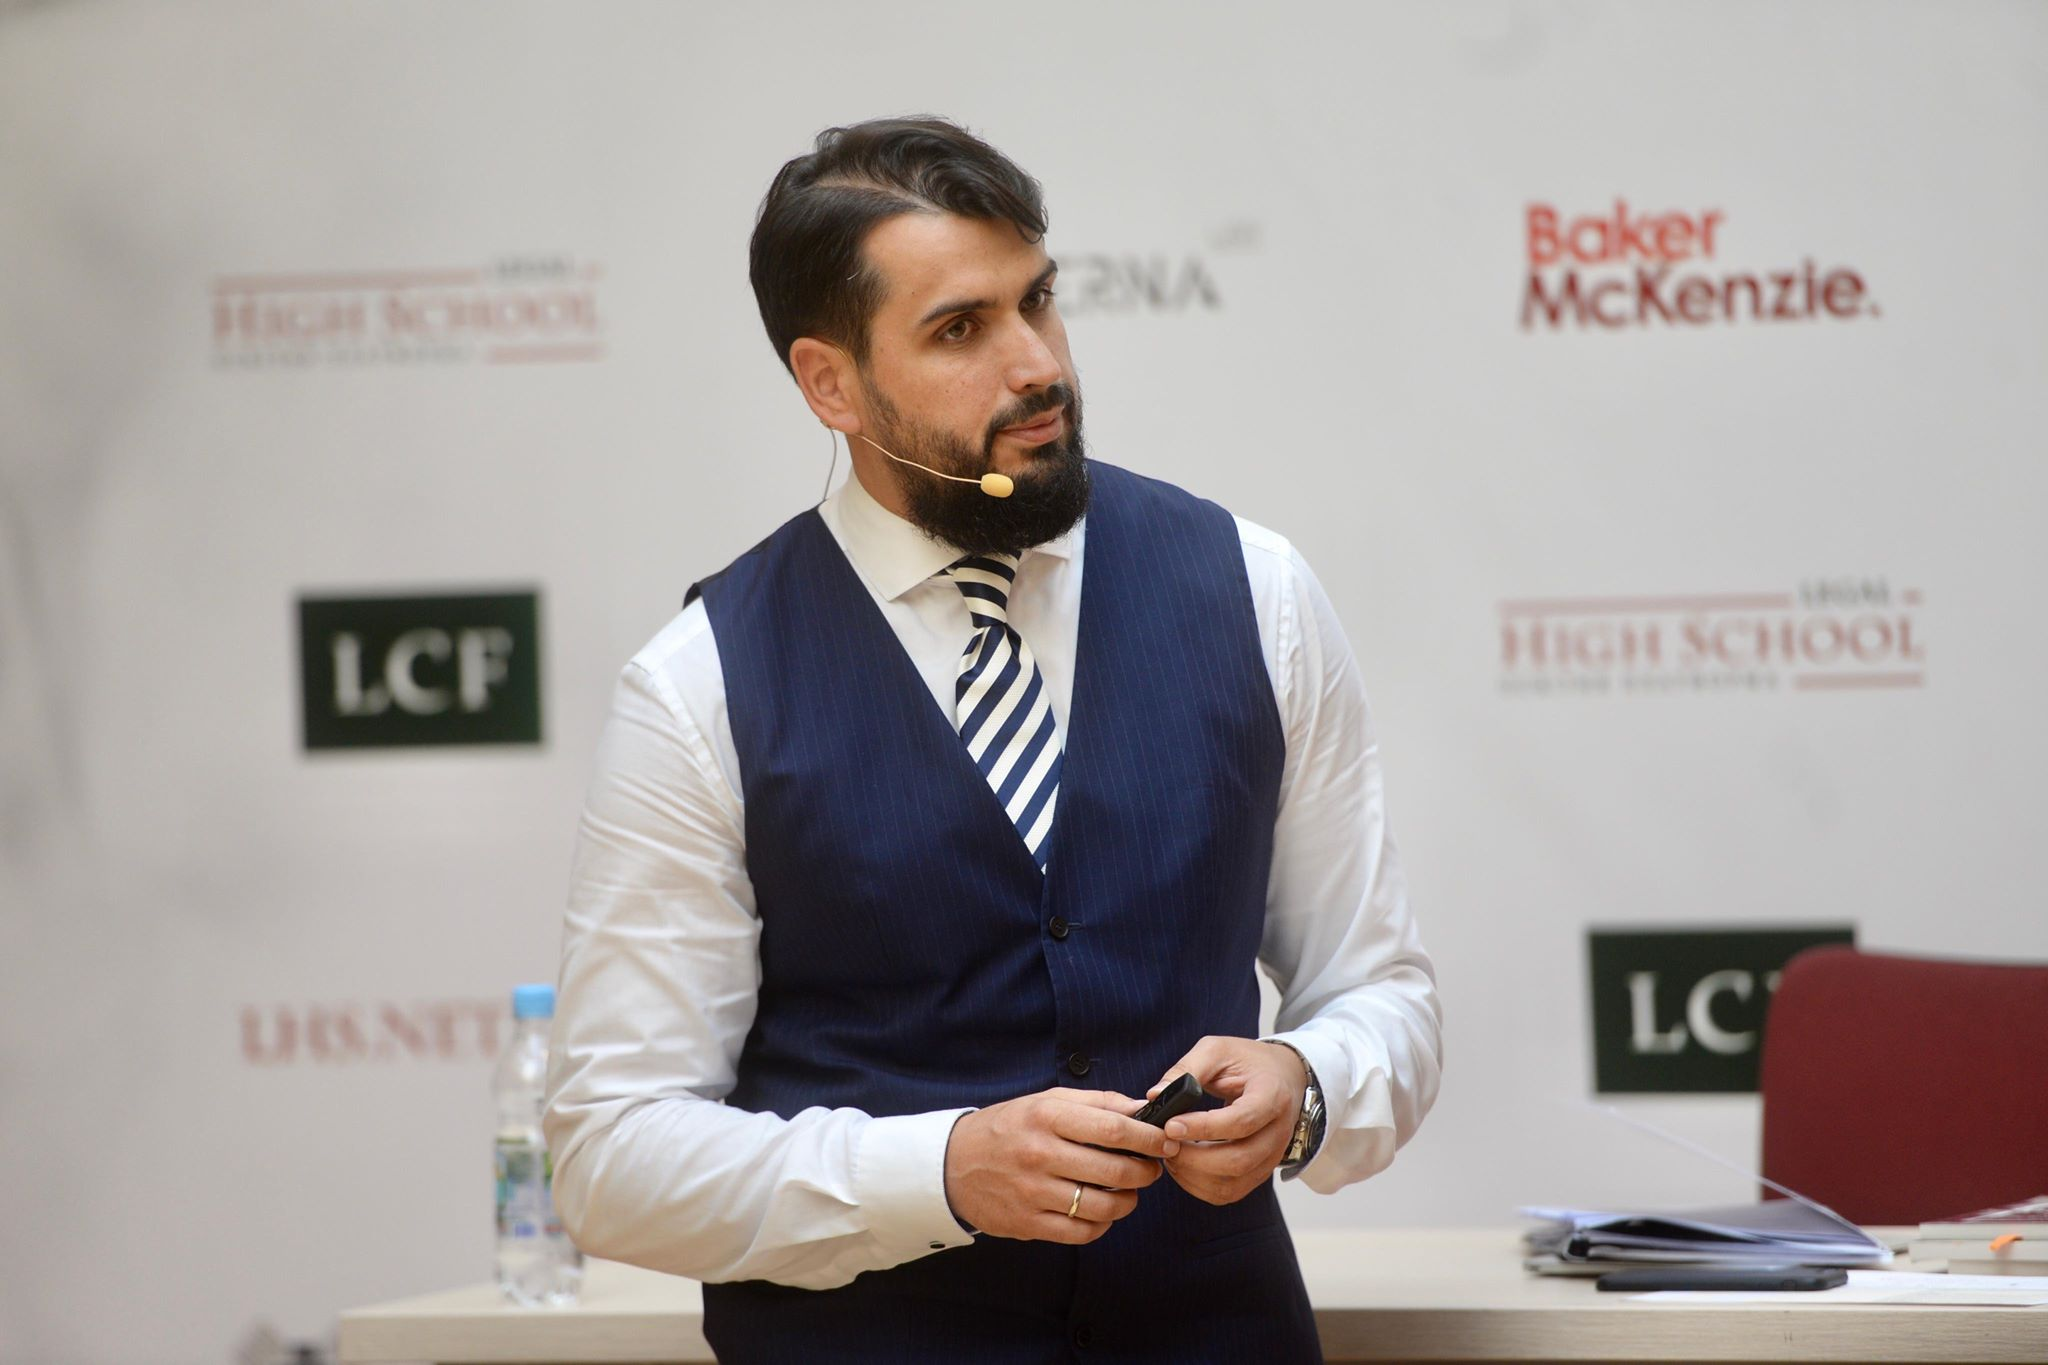 Олег Маліневський виступив перед слухачами спецкурсу «Новації в господарському процесі» від Legal High School